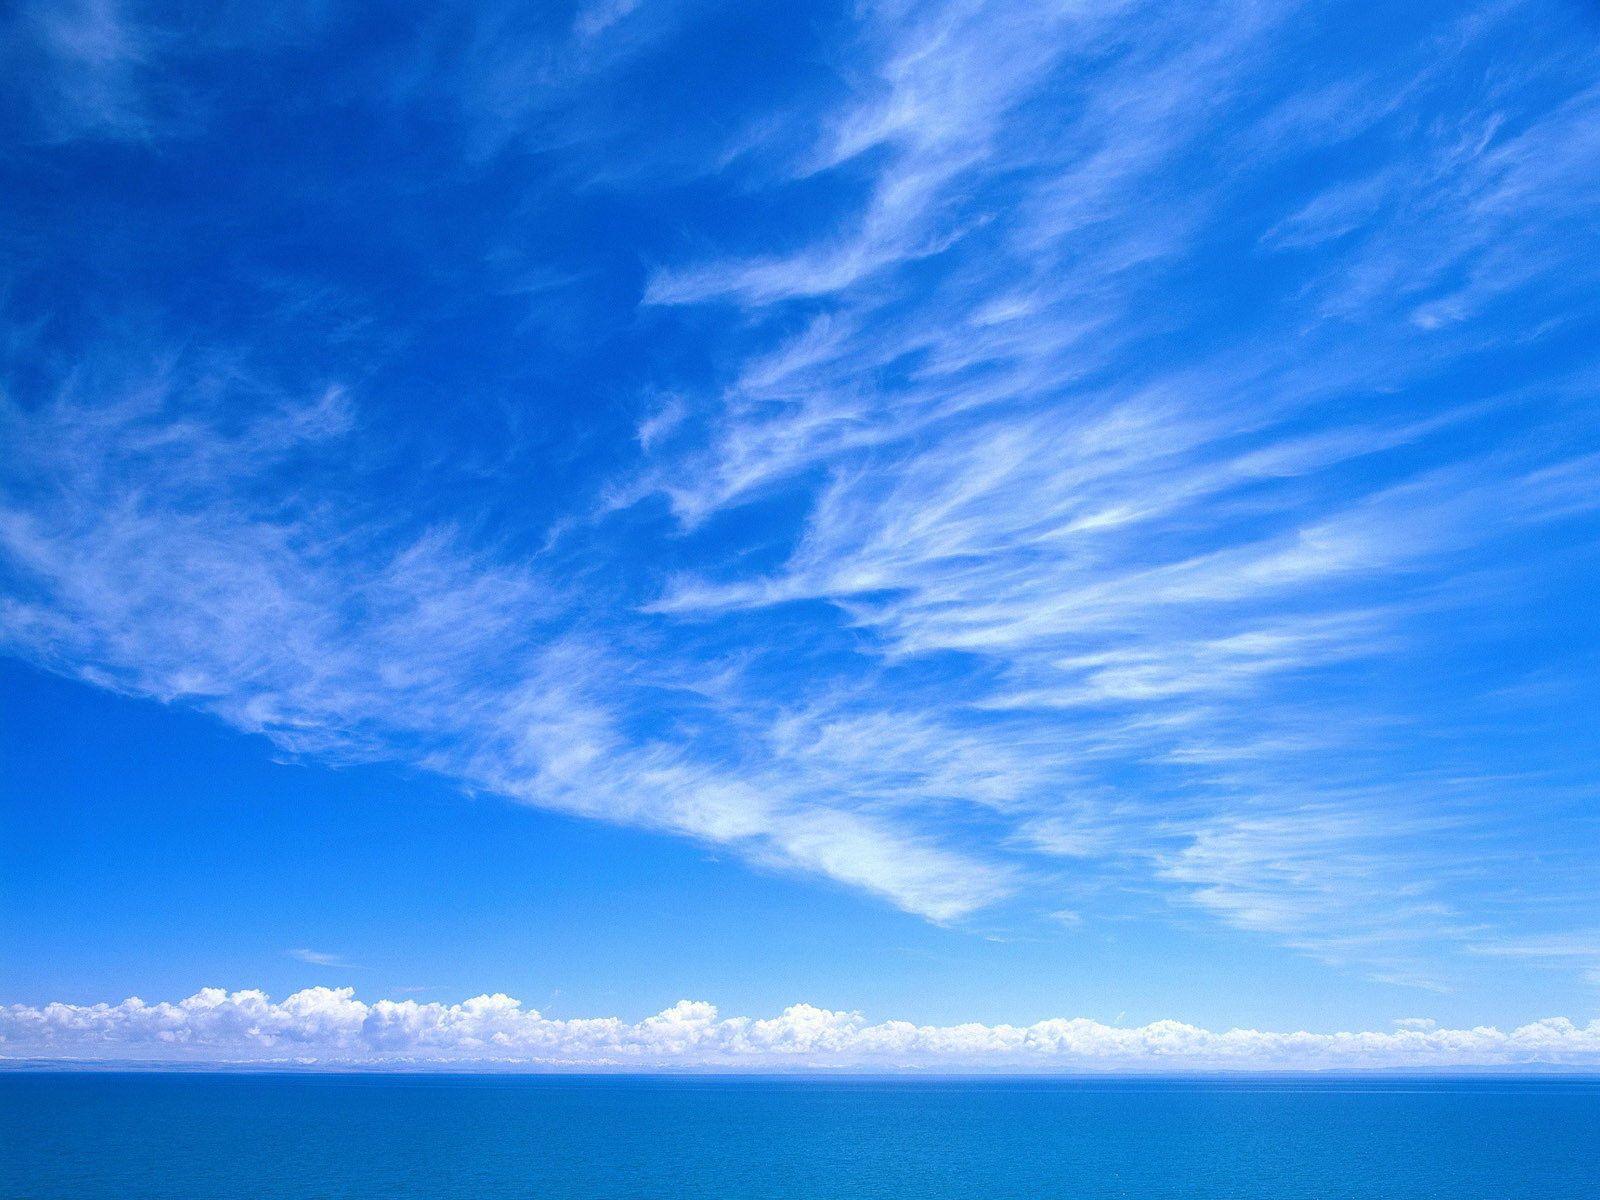 79868 Lade kostenlos Blau Hintergrundbilder für dein Handy herunter, Natur, Sky, Clouds, Zärtlichkeit Blau Bilder und Bildschirmschoner für dein Handy